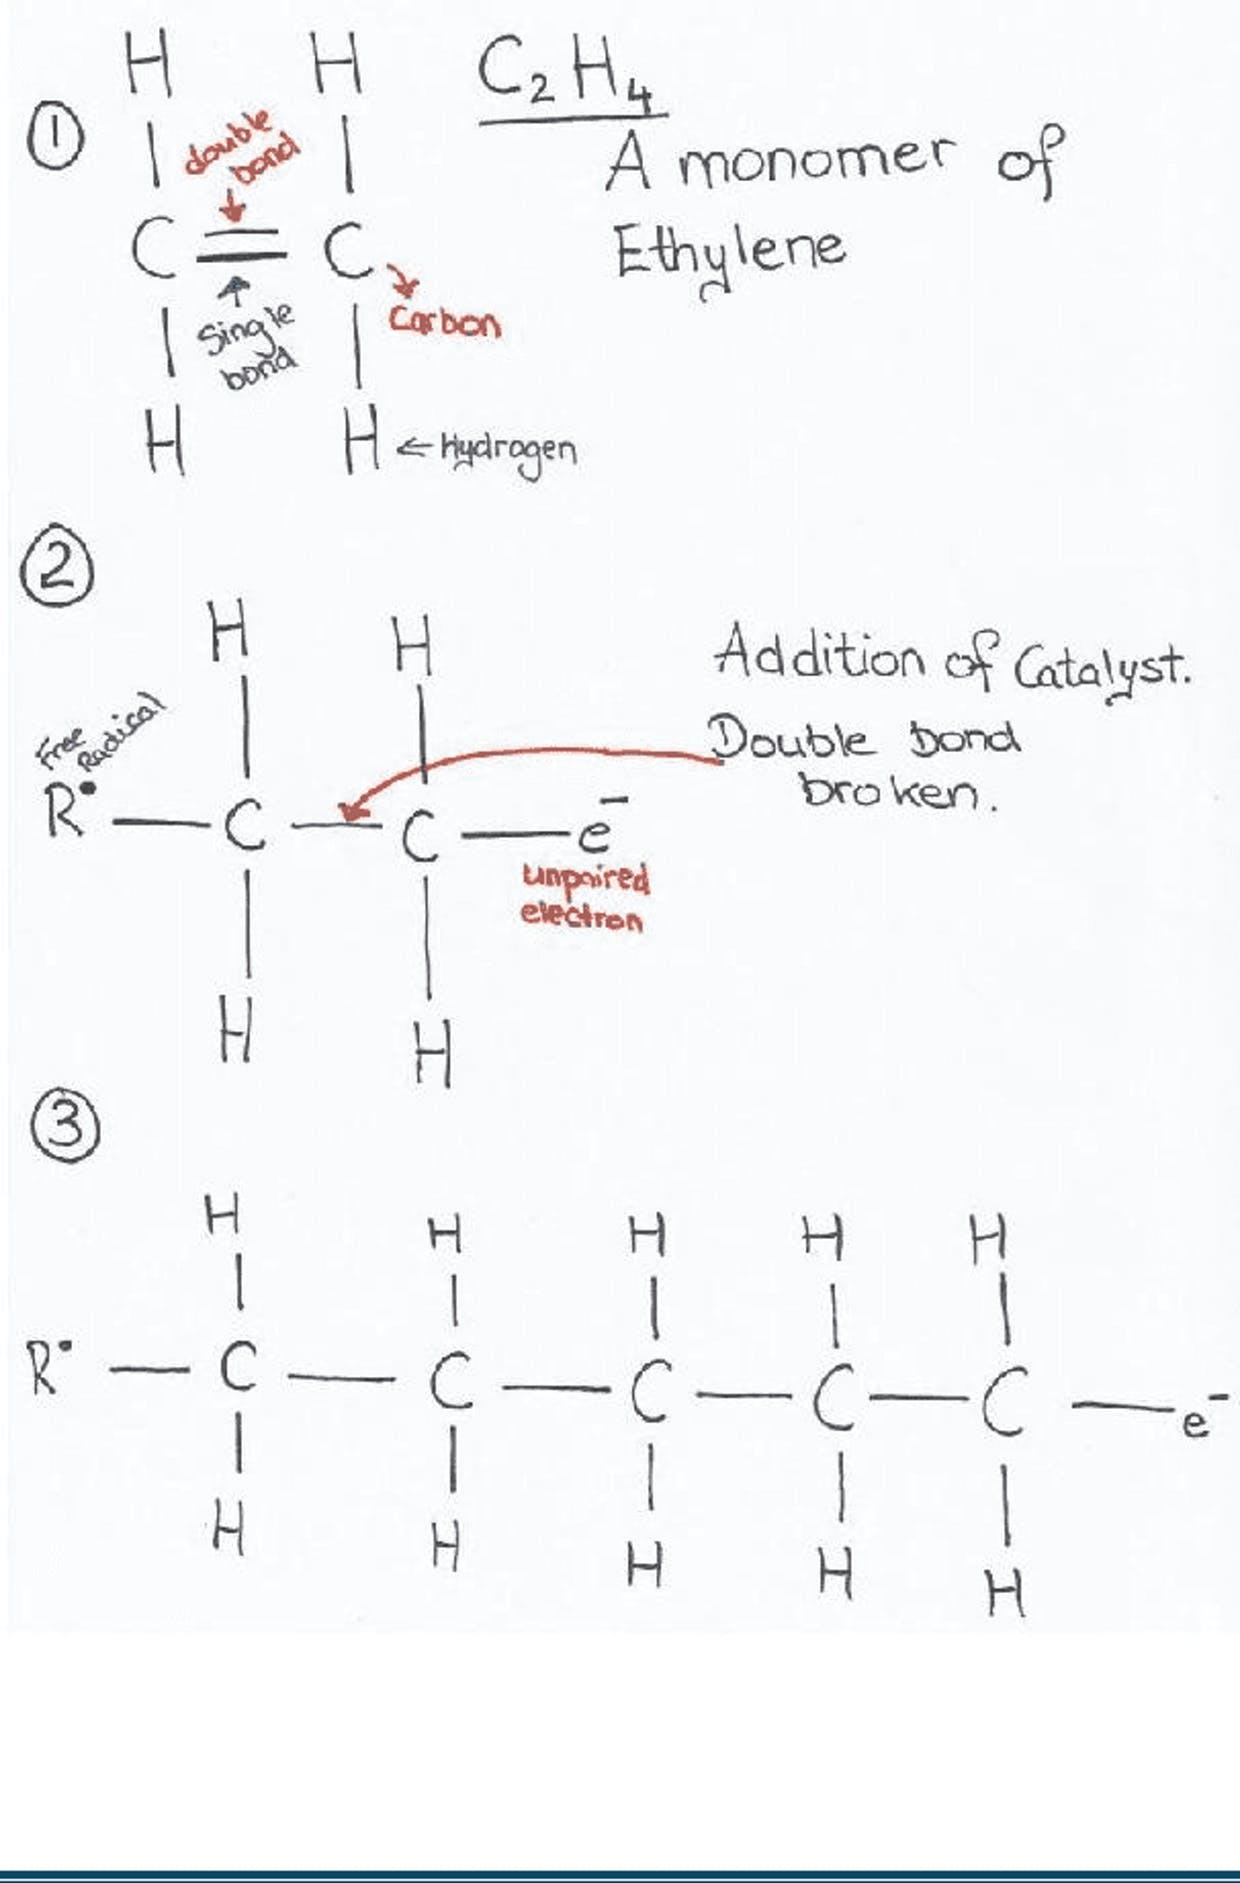 Addition Polymerizations of an ethylene molecule.